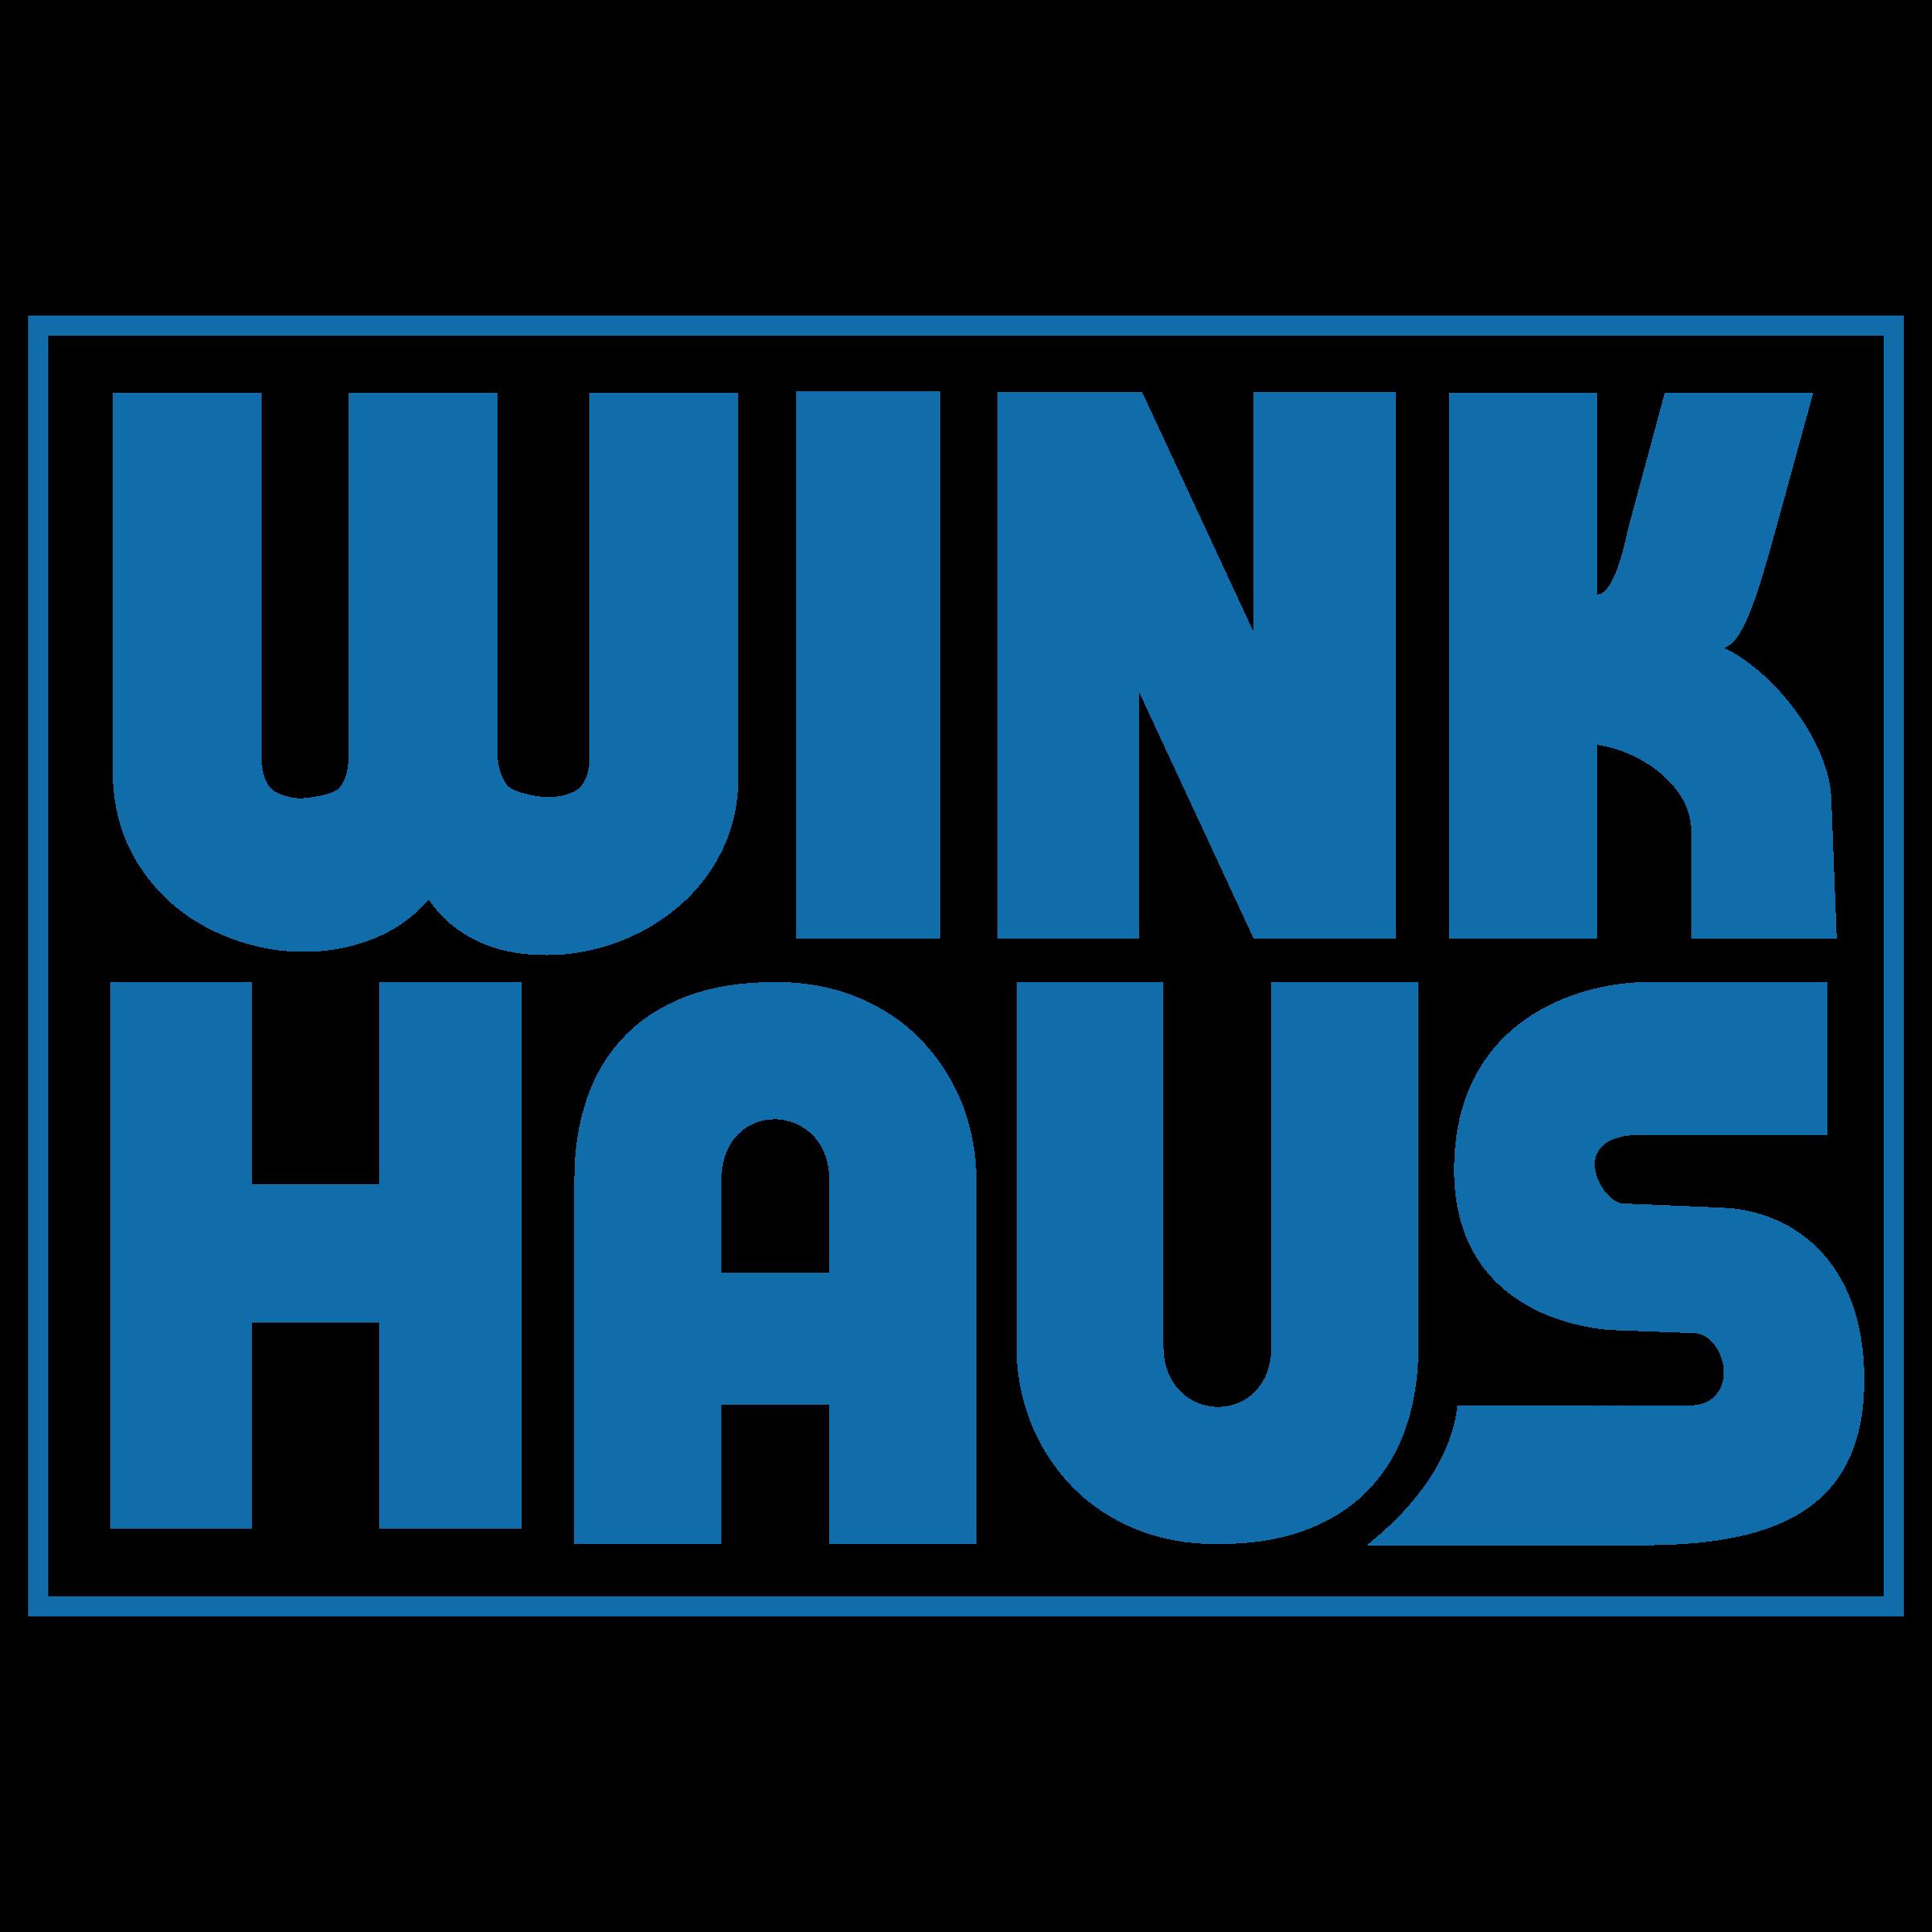 Wink Hous Logo PNG Transparent & SVG Vector.